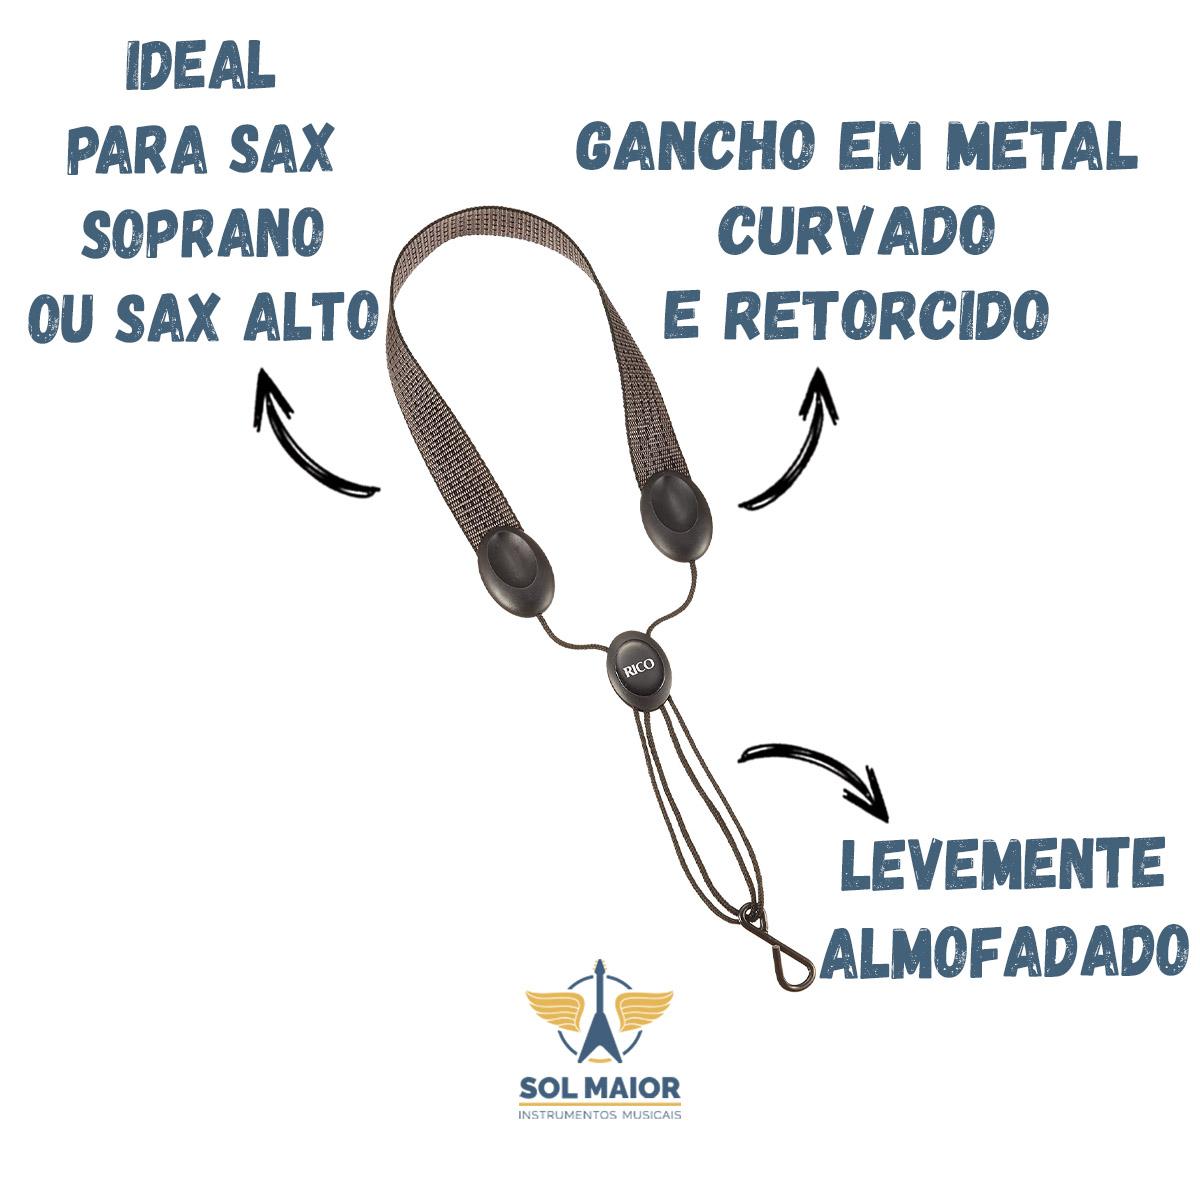 Correia Sax Alto Soprano Rico Sja02 Gancho Metal Industrial